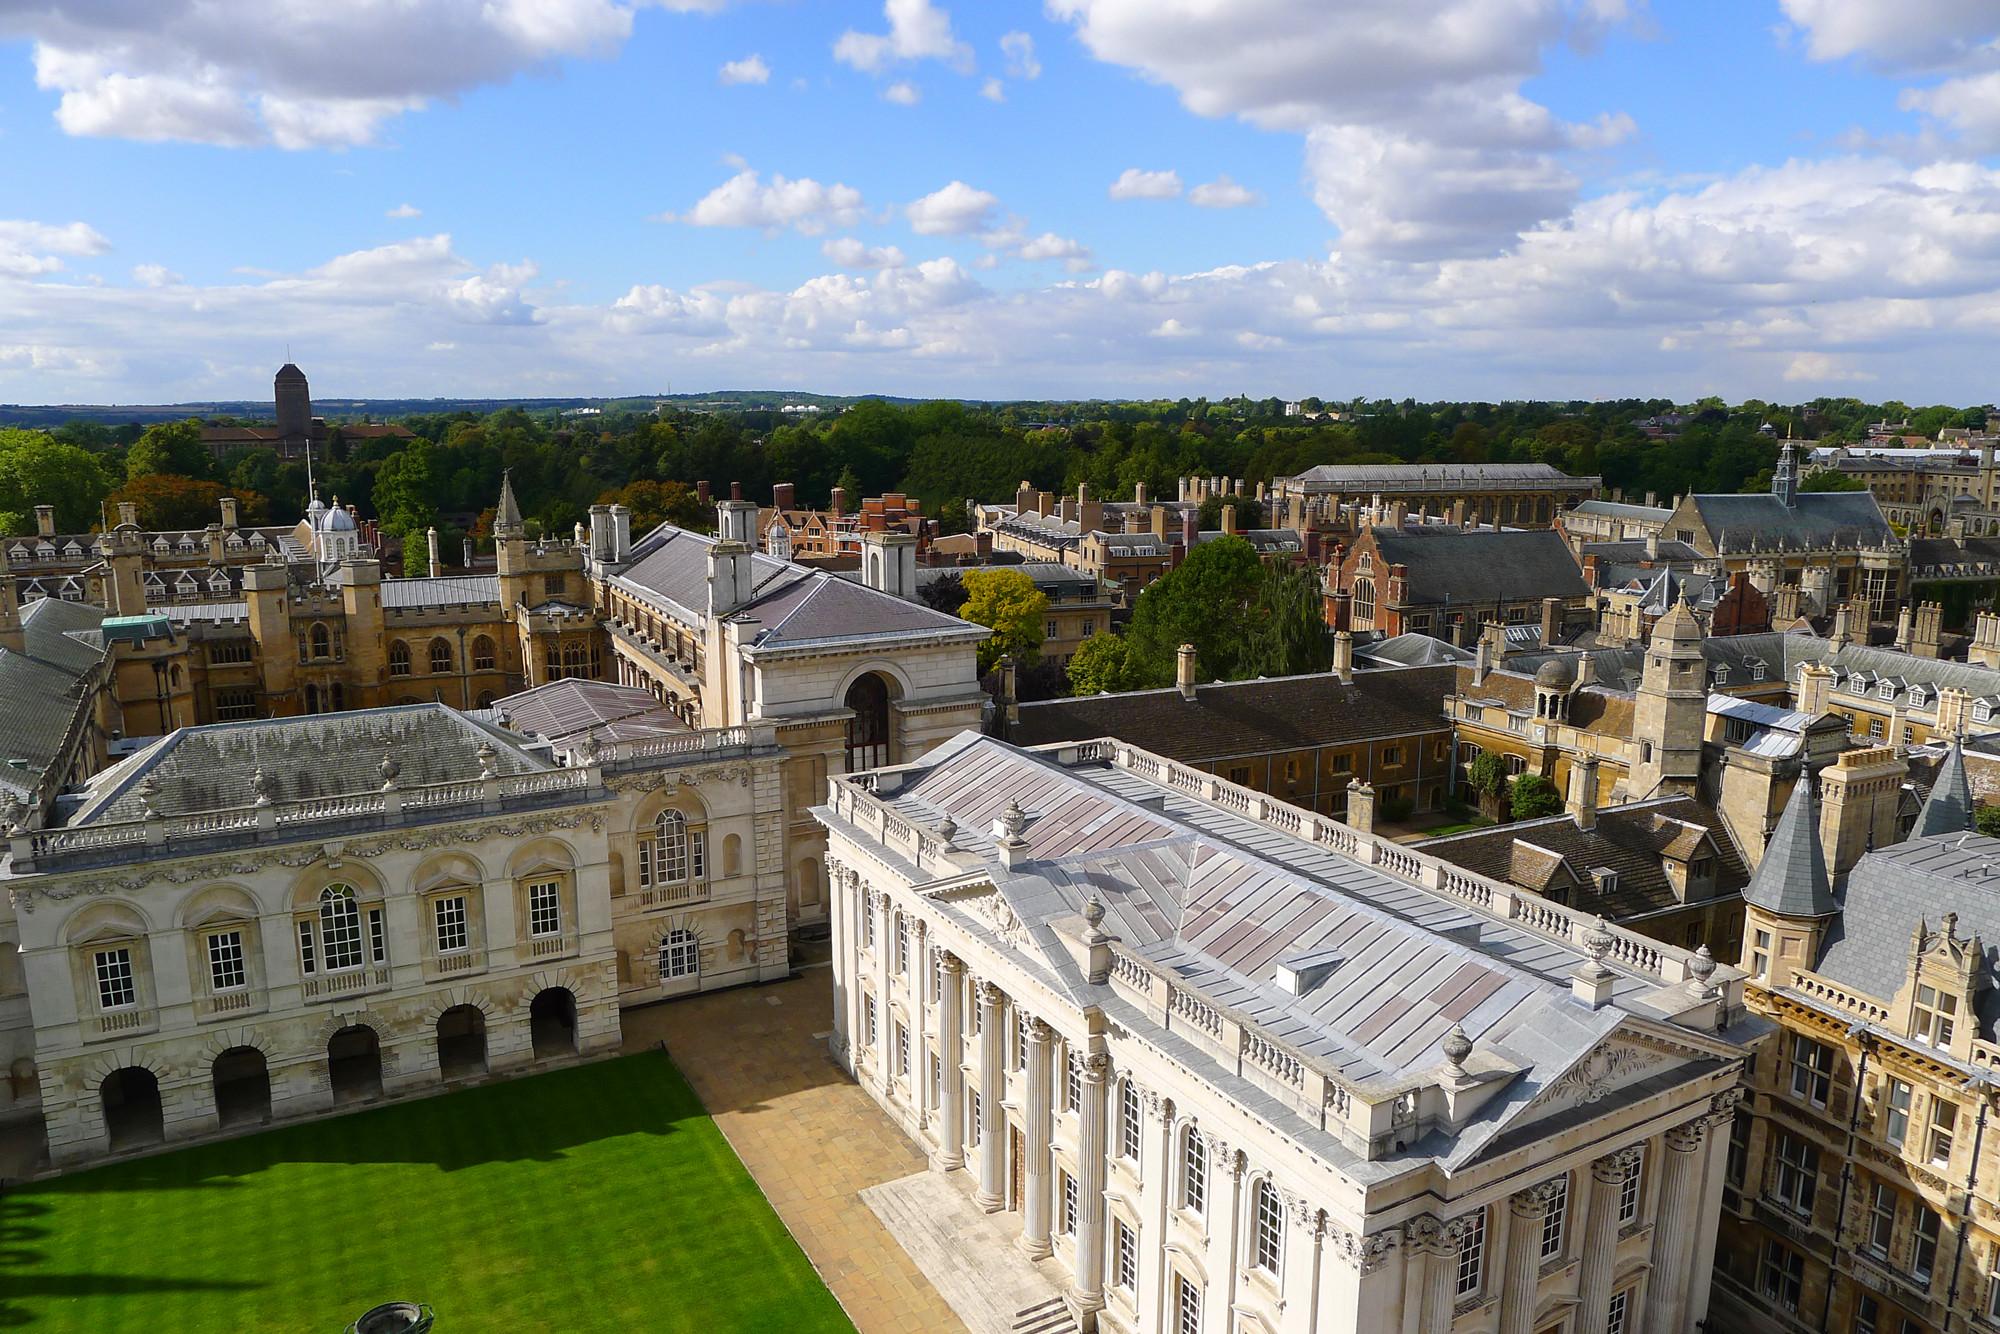 英国大学四个特色的海外学生俱乐部和社团